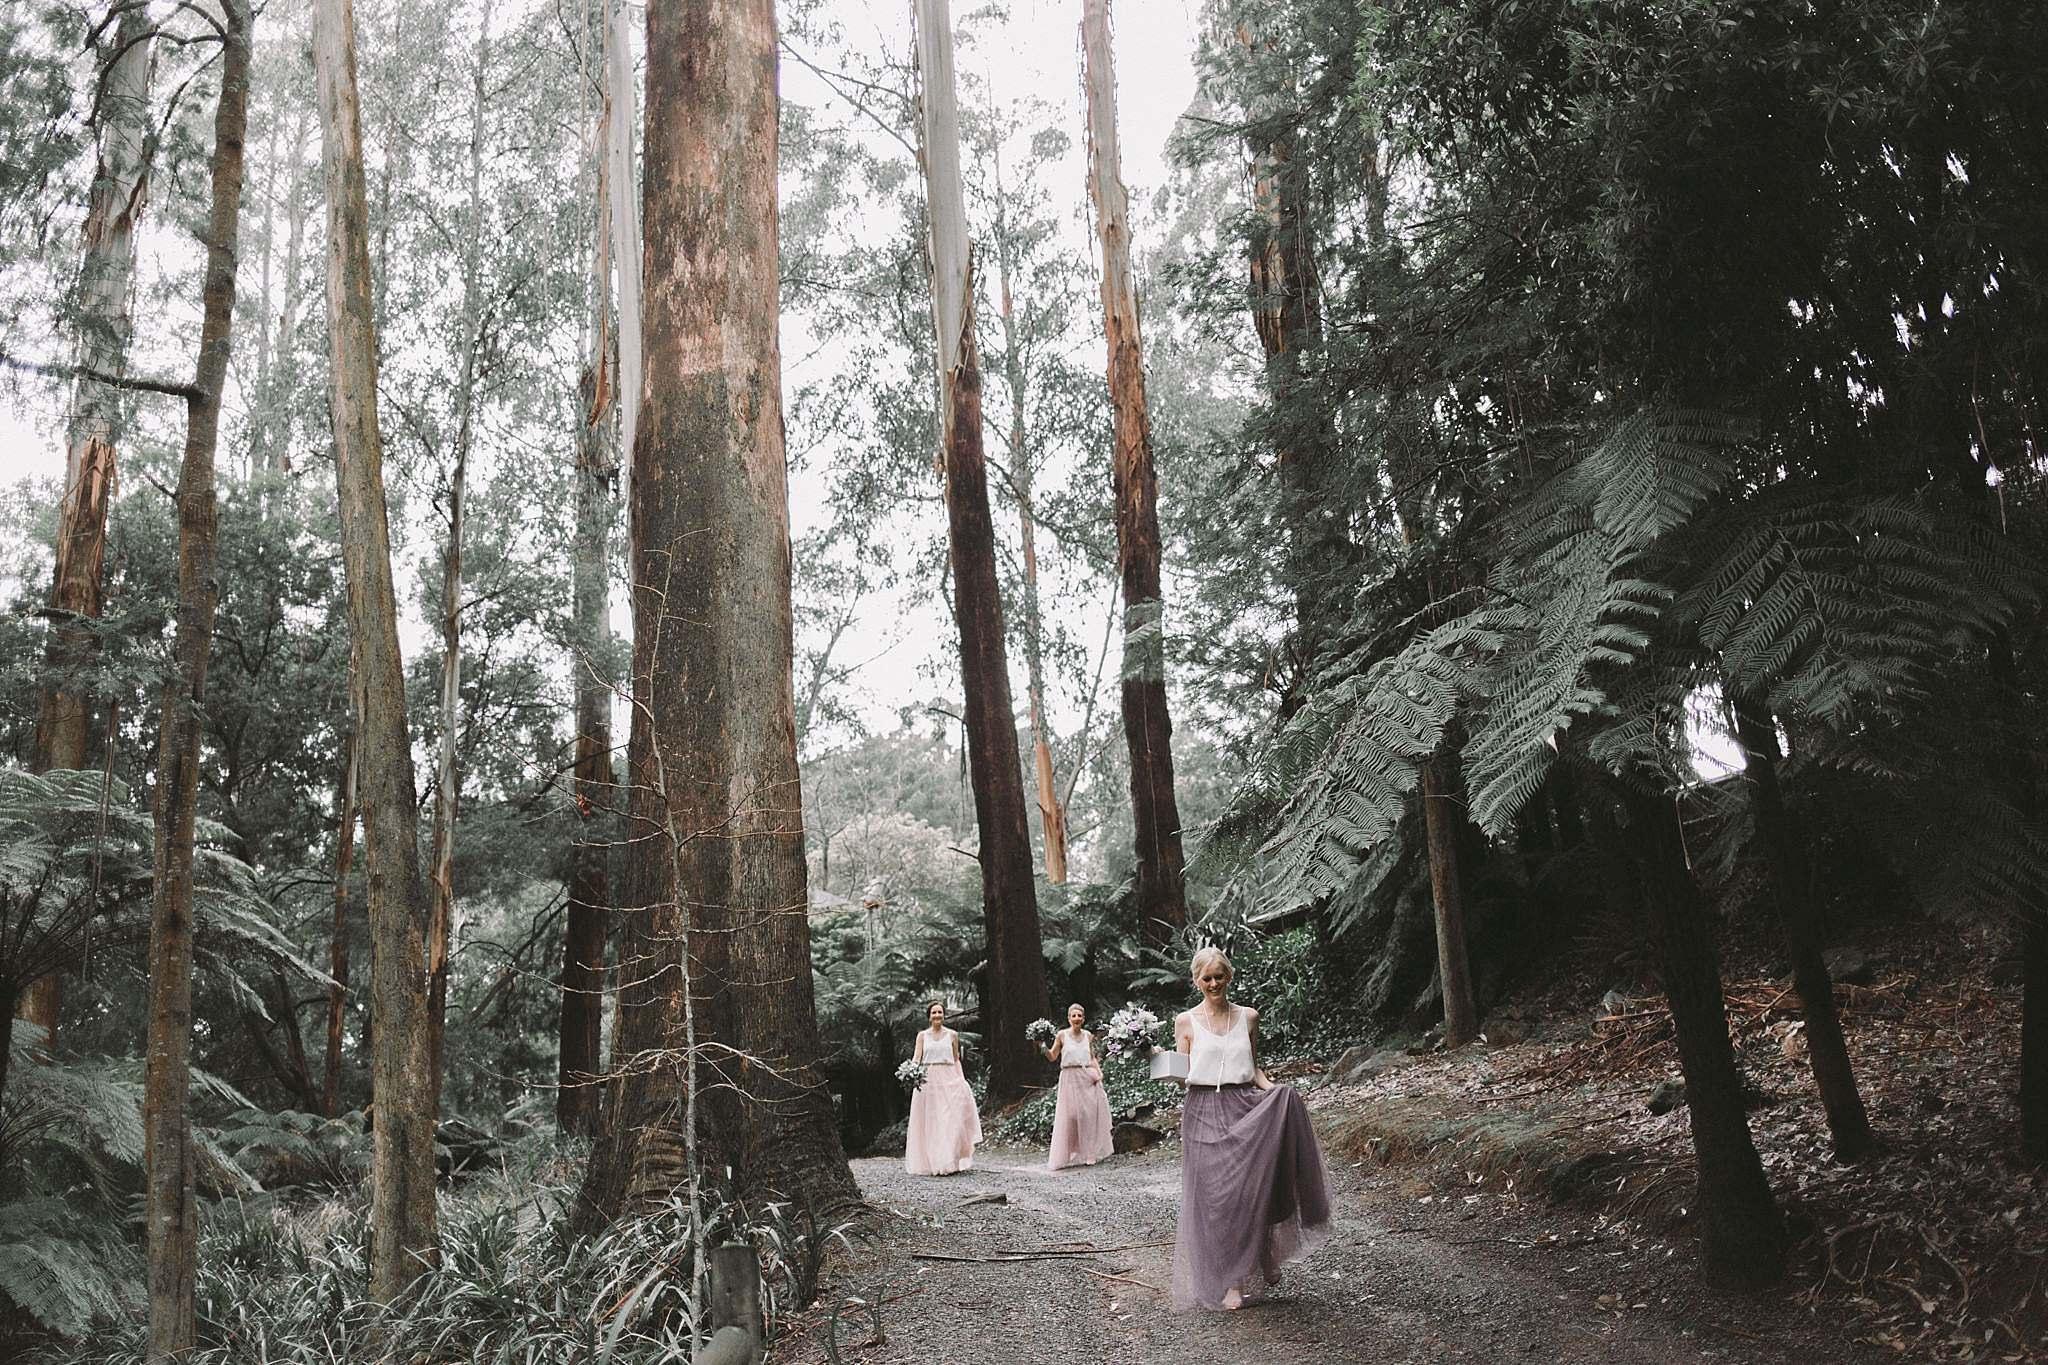 Tatra Dandenong Wedding Photography Natural Candid (29).JPG